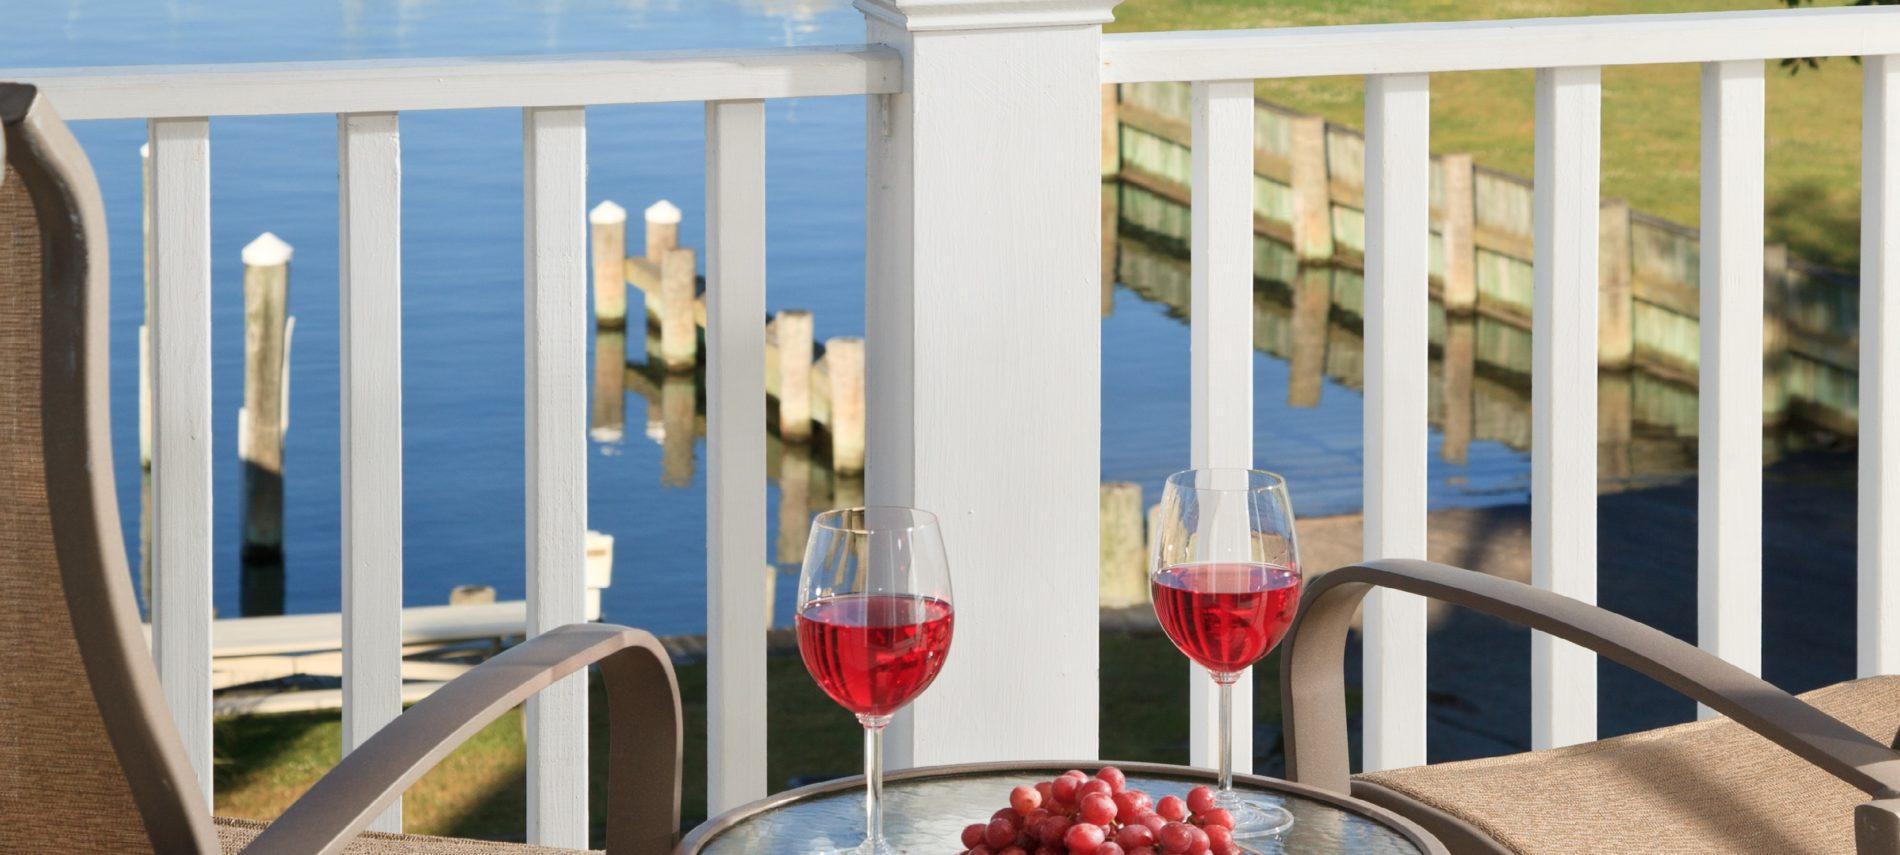 Inn at Harbor Hill Marina, Room 3F